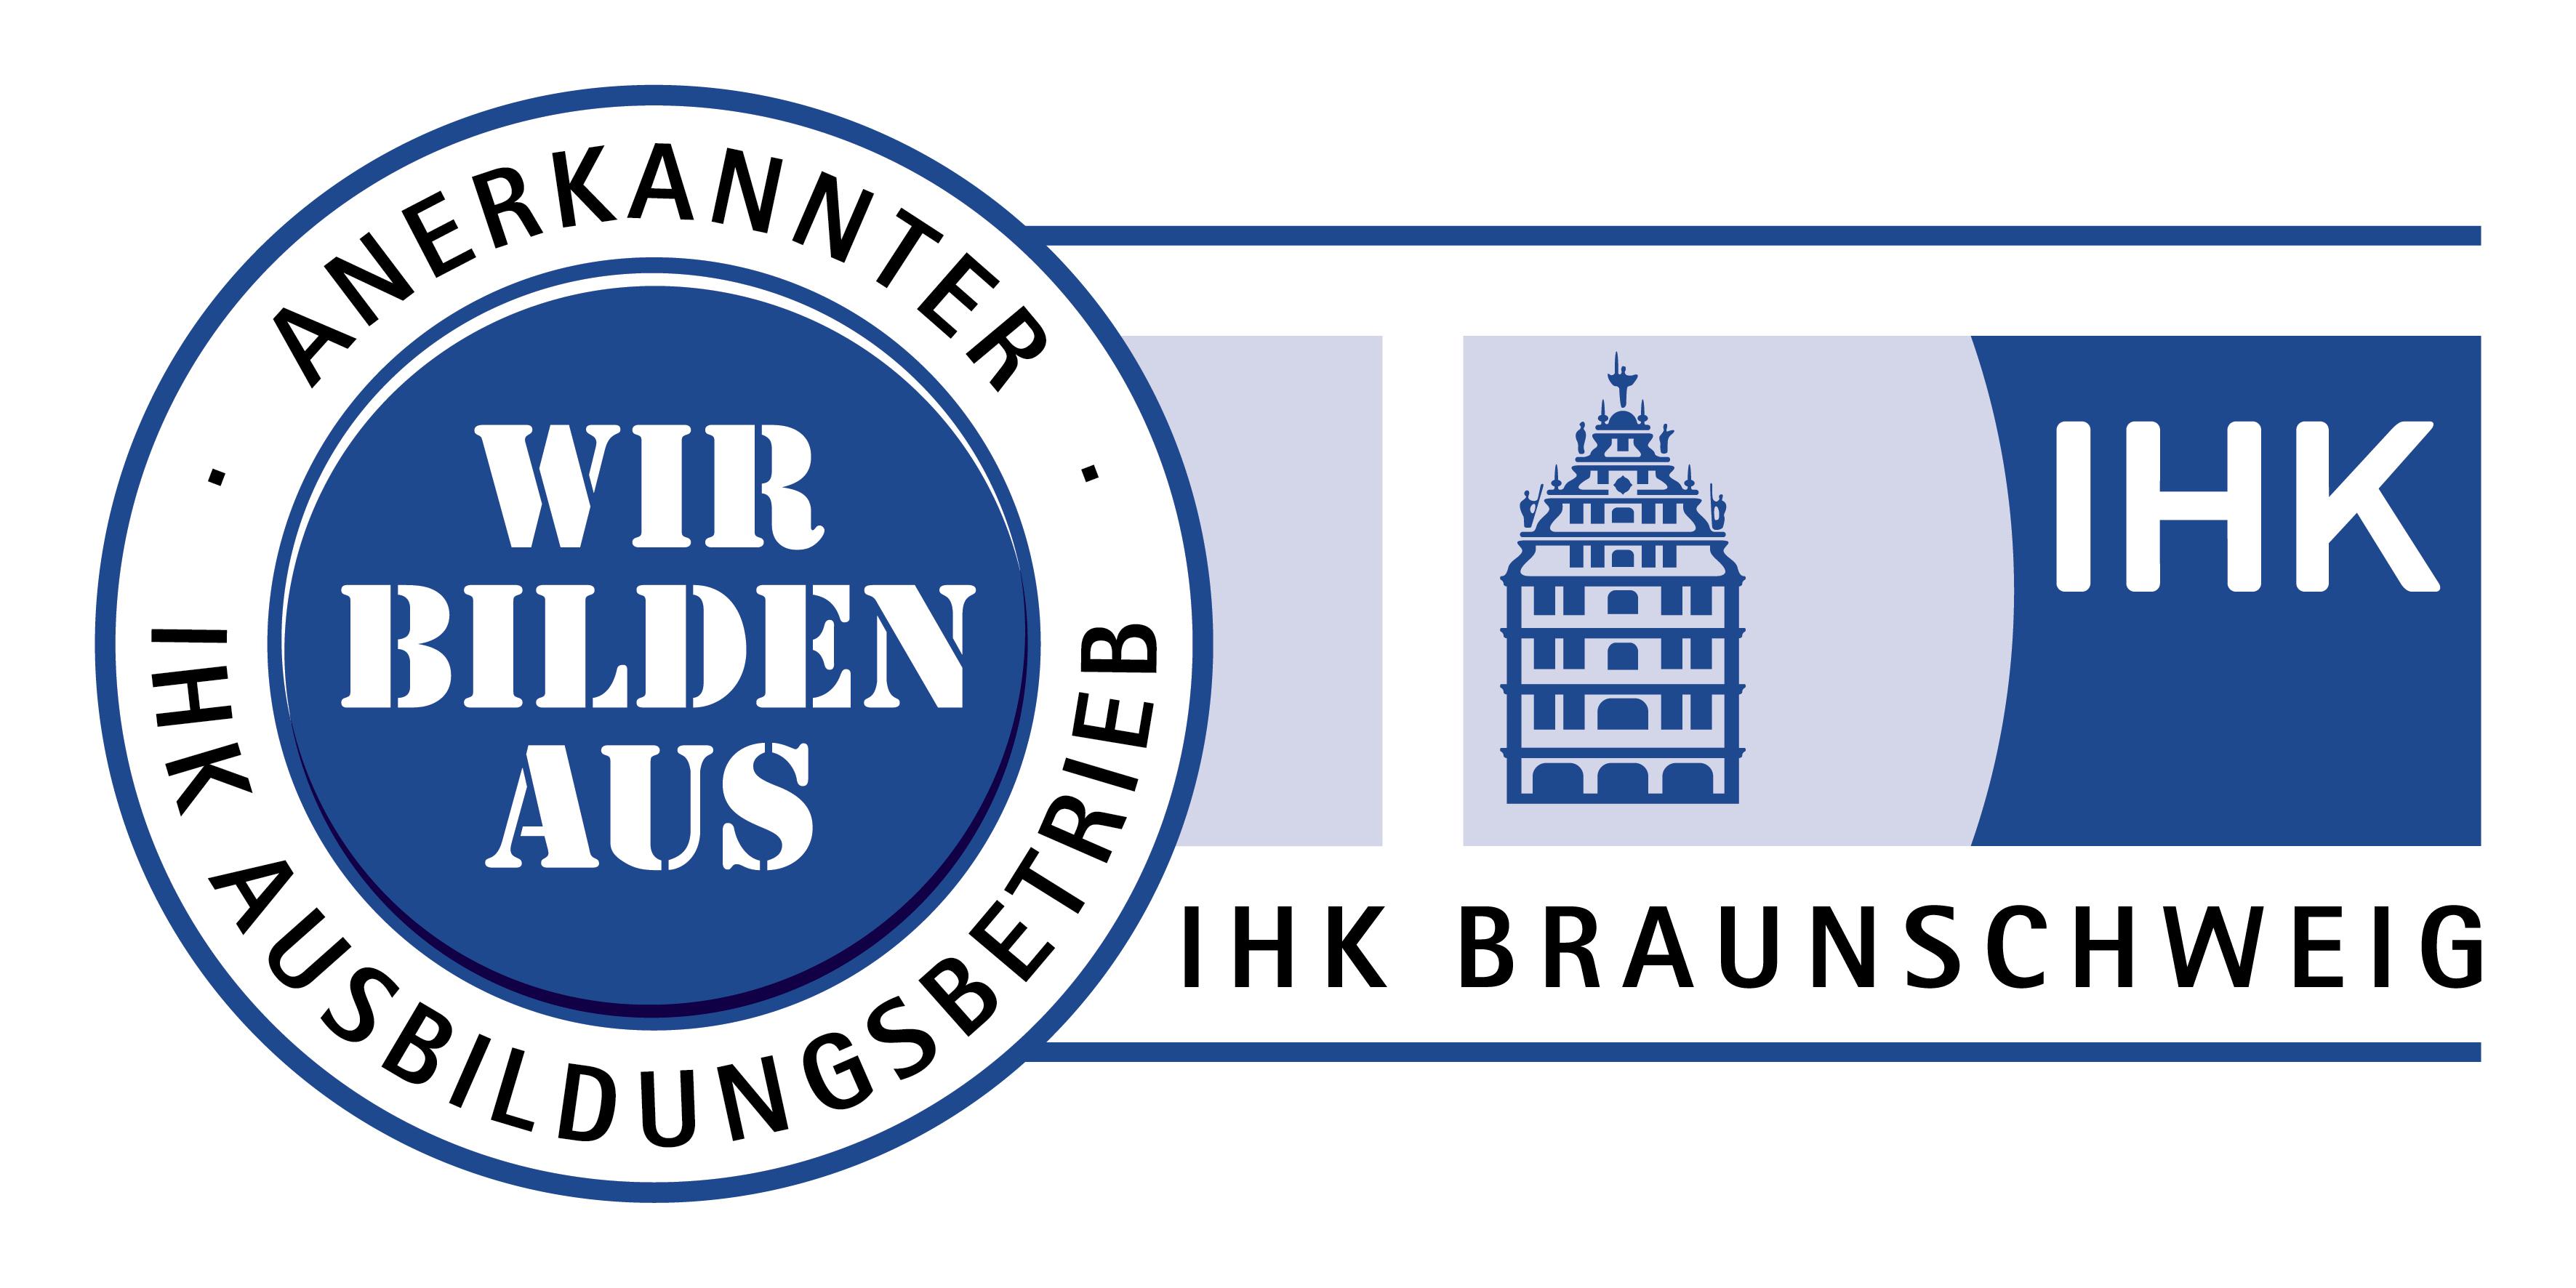 Zukunftsberater Andre Steinhoff Offentliche Versicherung Braunschweig